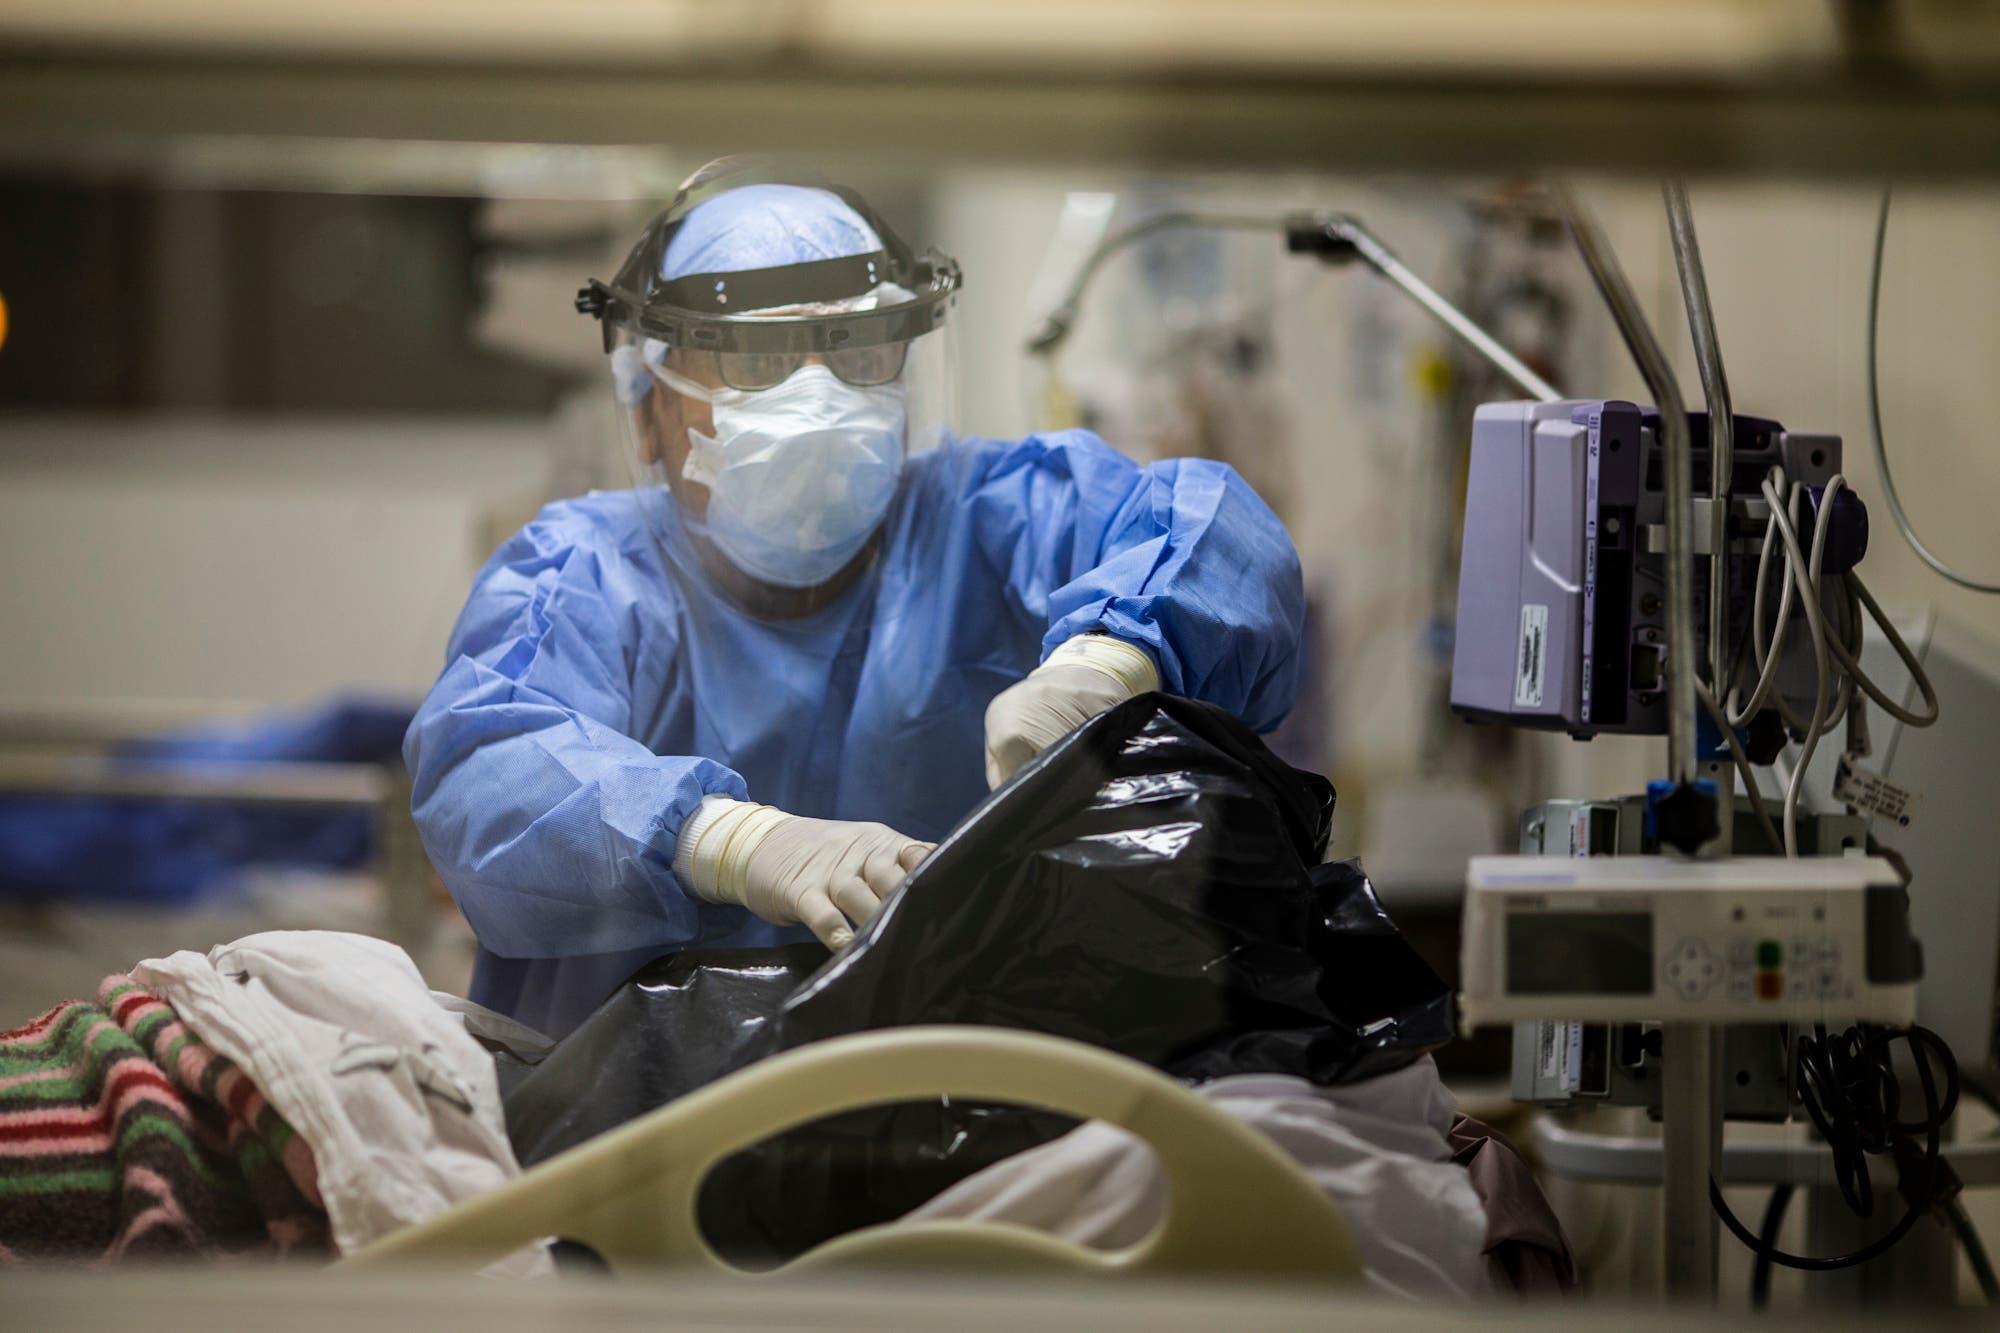 Coronavirus: la Argentina sumó 14.308 contagios, pero bajó al 7° lugar entre los países con más casos